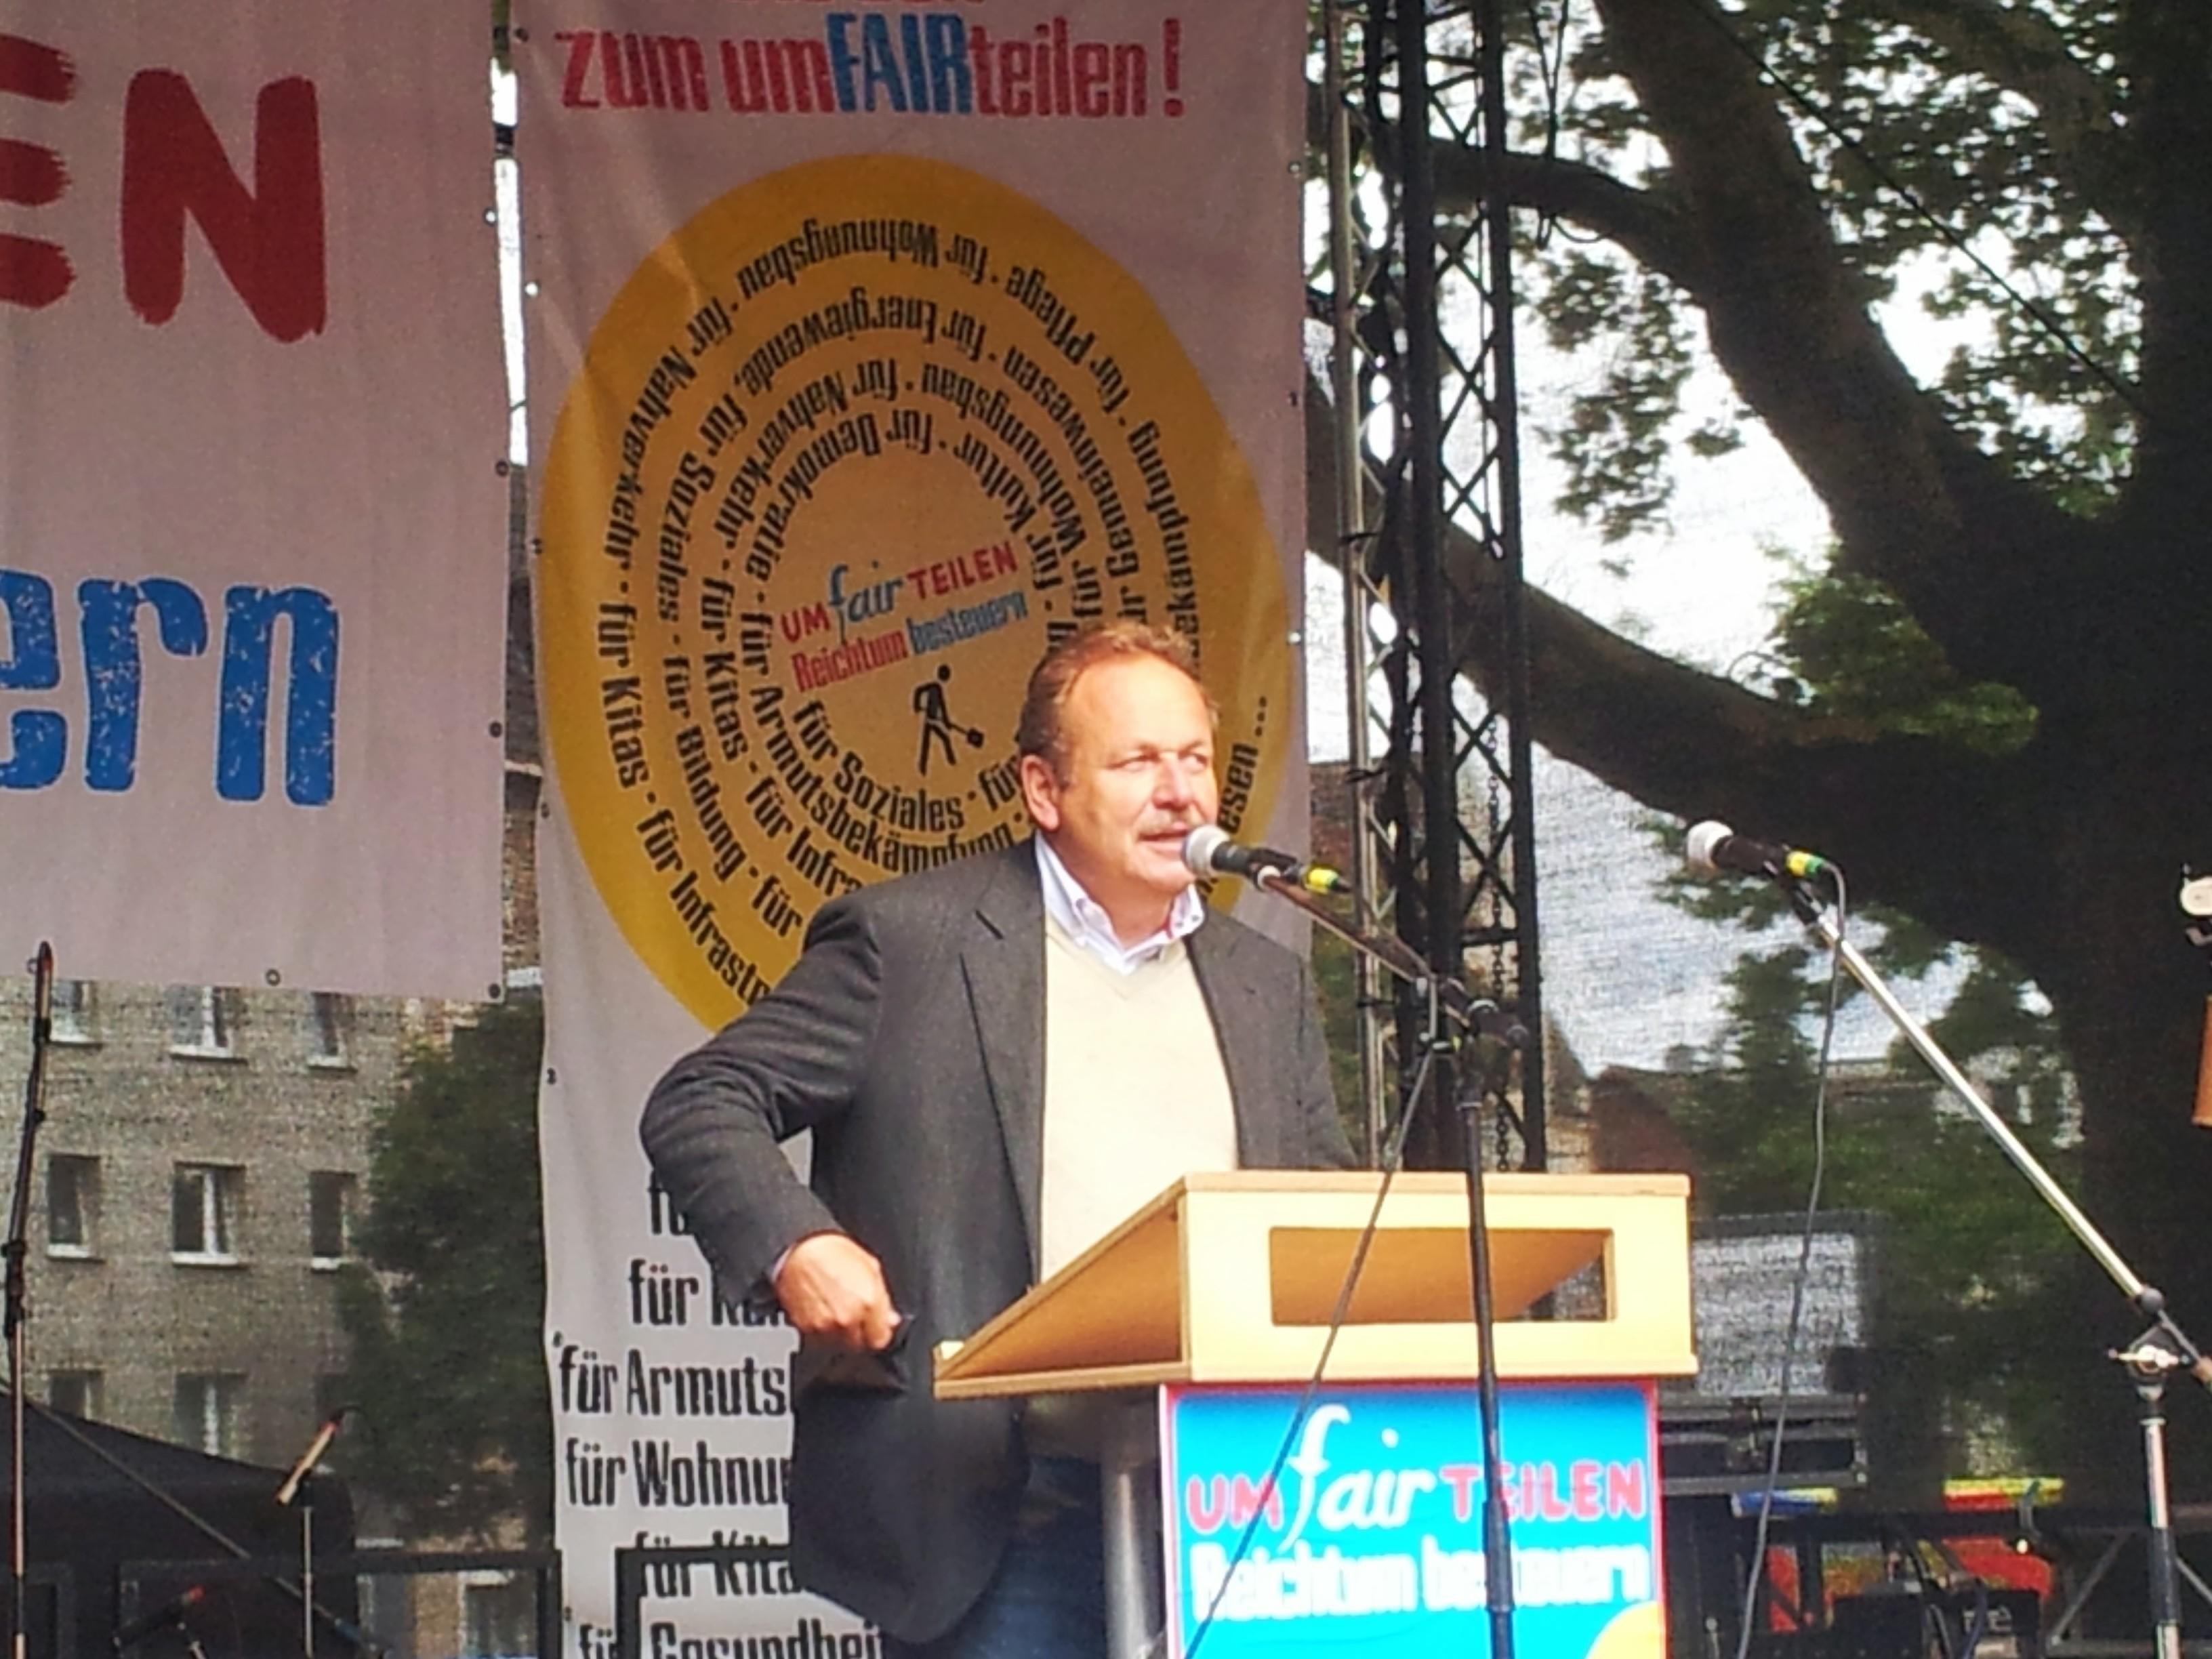 Auch ver.di-Chef Frank Bsirske (wie hier in Bochum) kämpfte 2013 noch wie ein Löwe für Umfairteilung. Nach der Bundestagswahl wurde auch er wieder ziemlich still;  Foto: C. - D. Stille